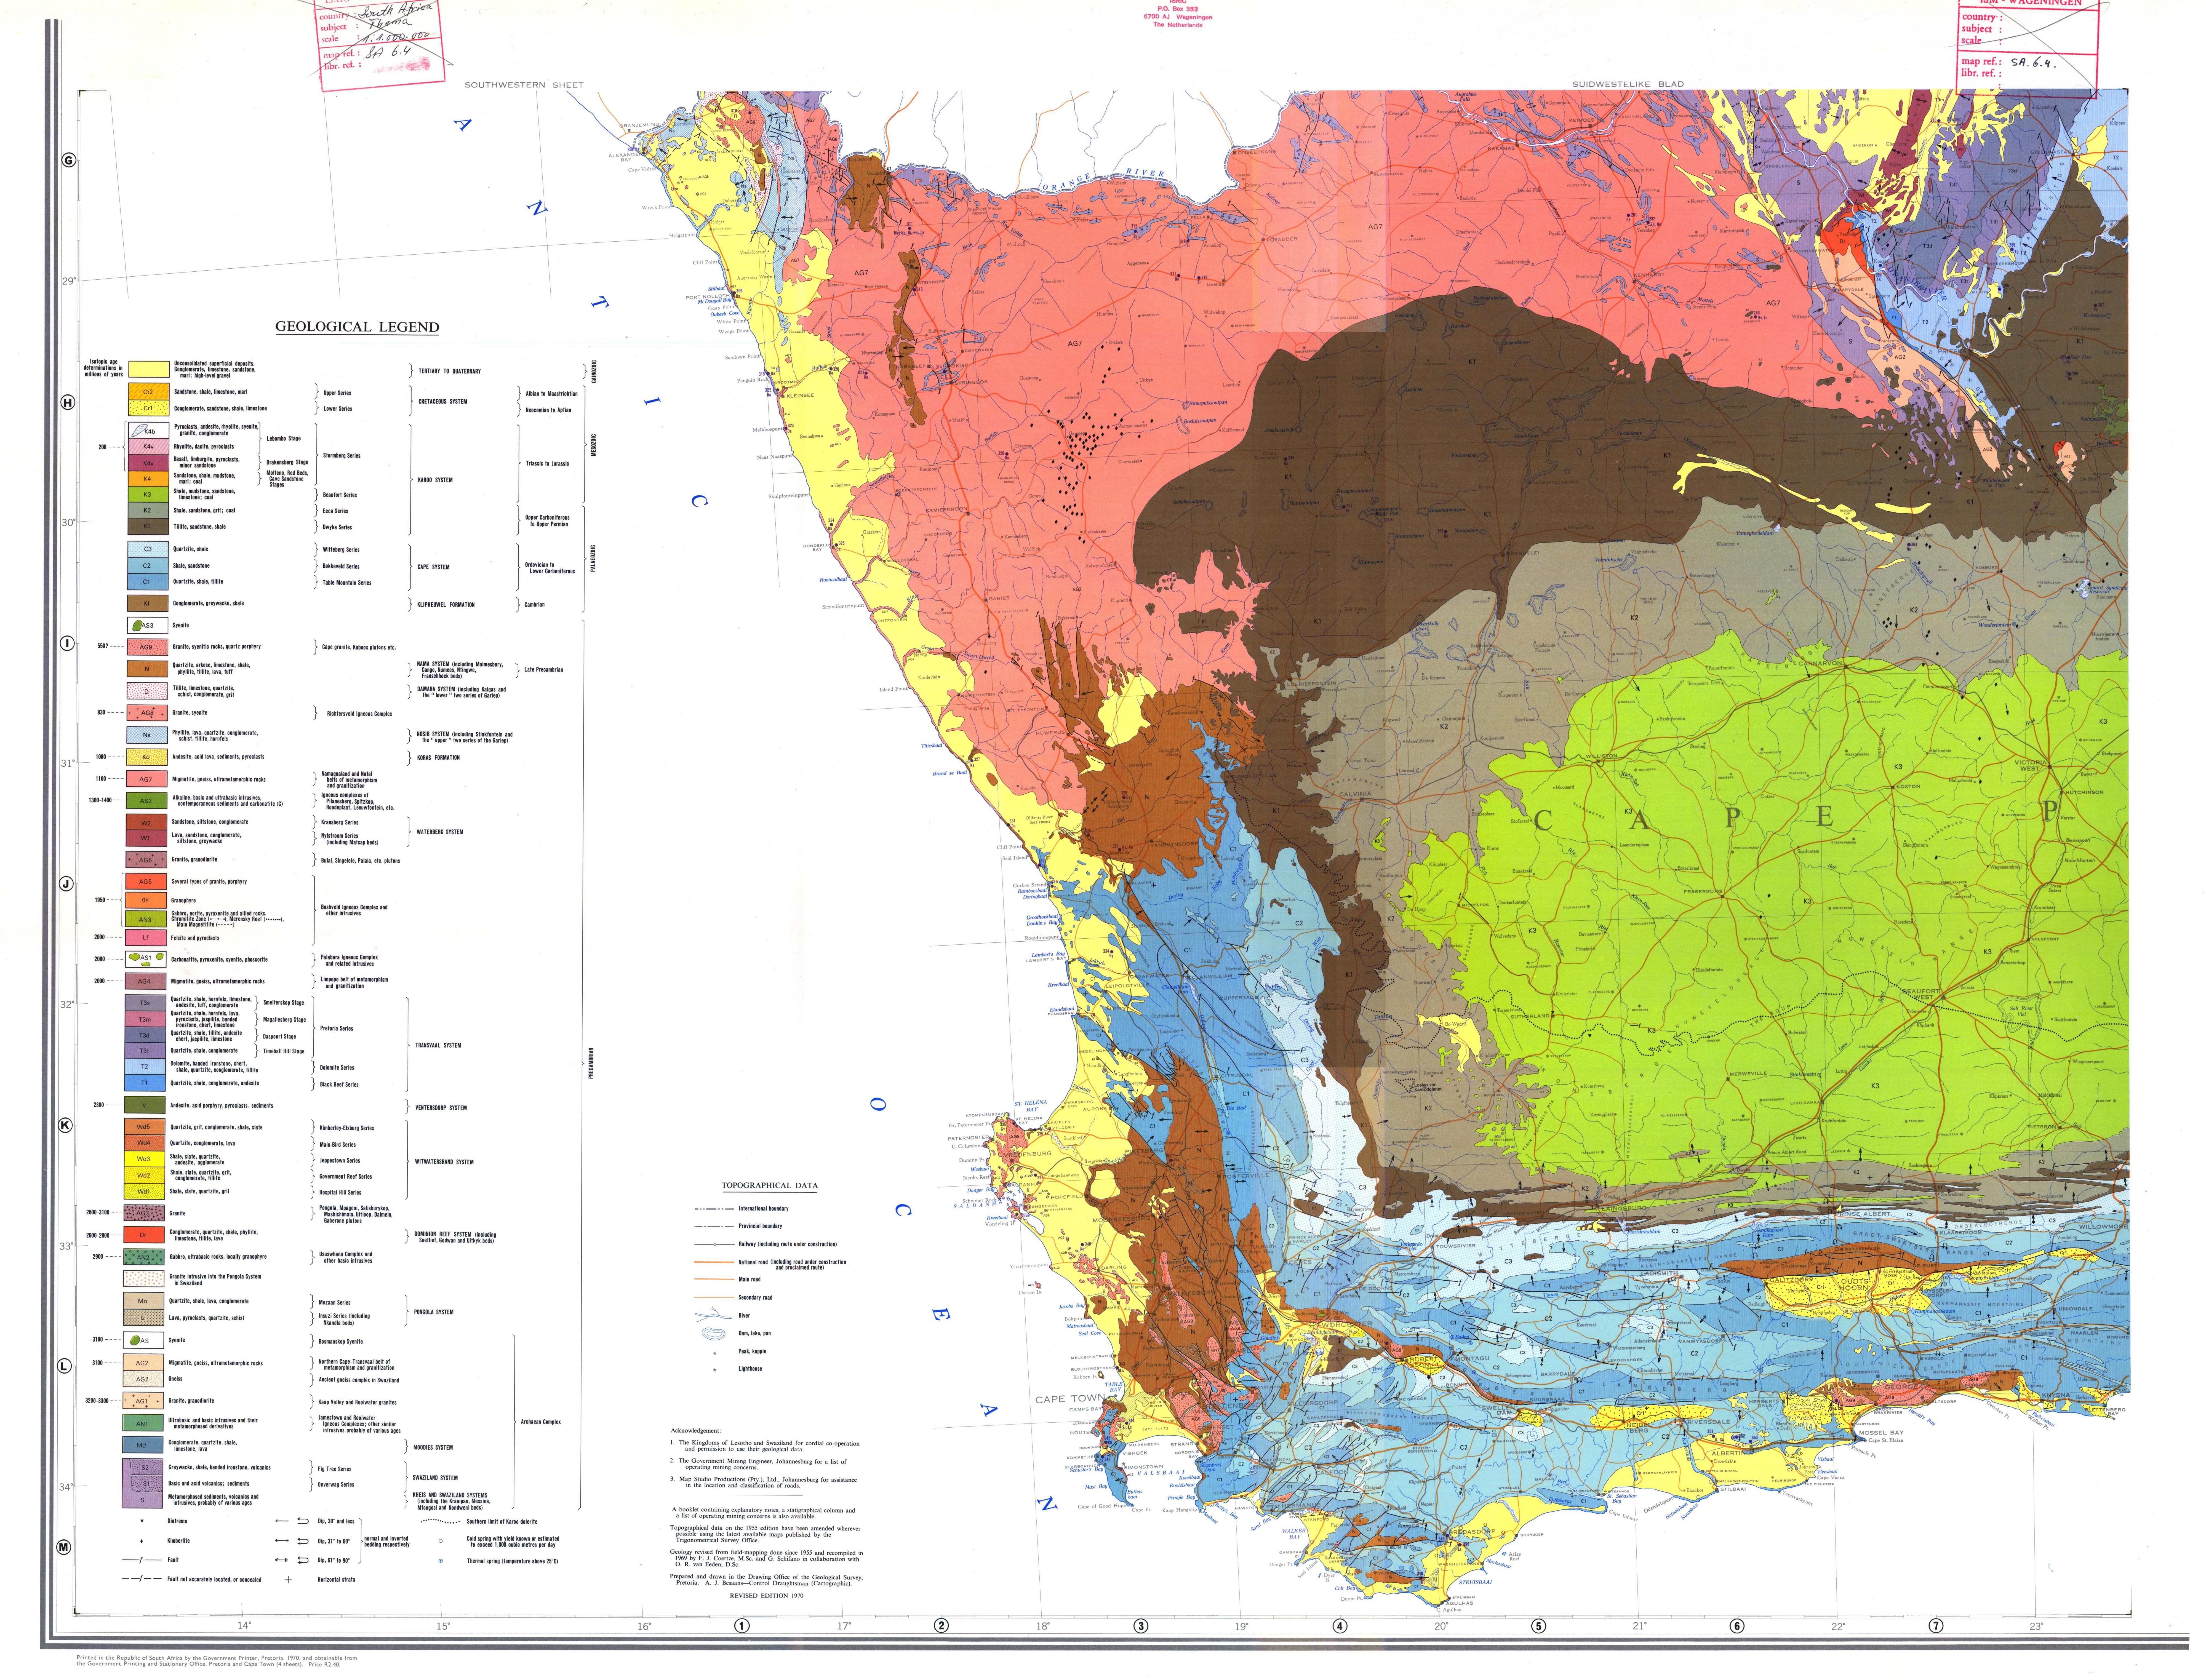 geologiese kaart van die republiek van suid